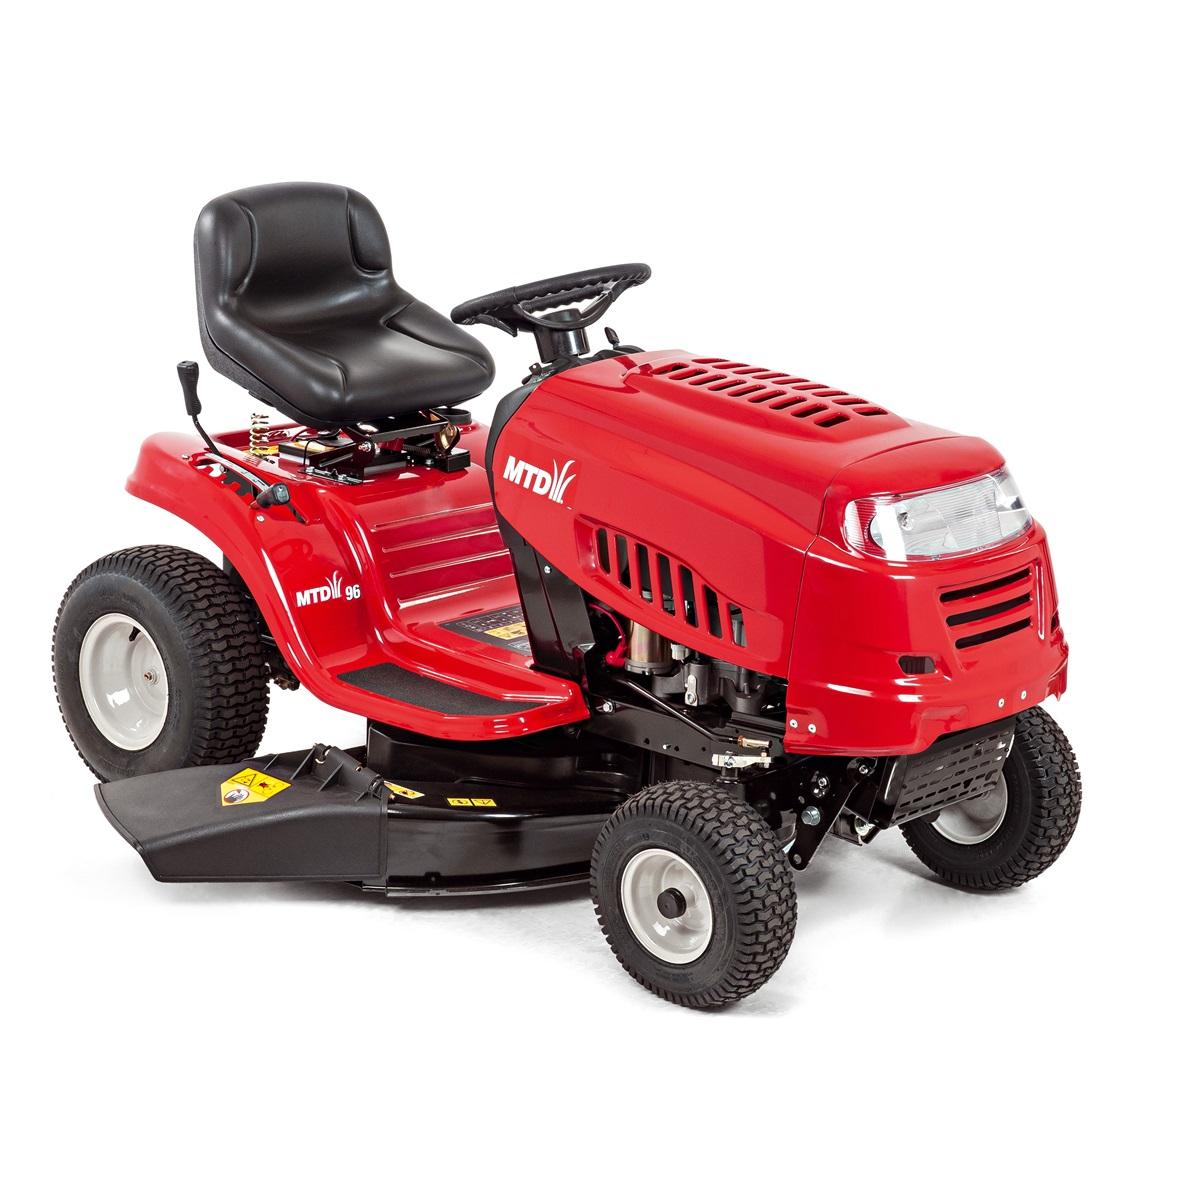 MTD 96 zahradní traktor s bočním výhozem + sestavení + příprava k provozu + servis EXTRA